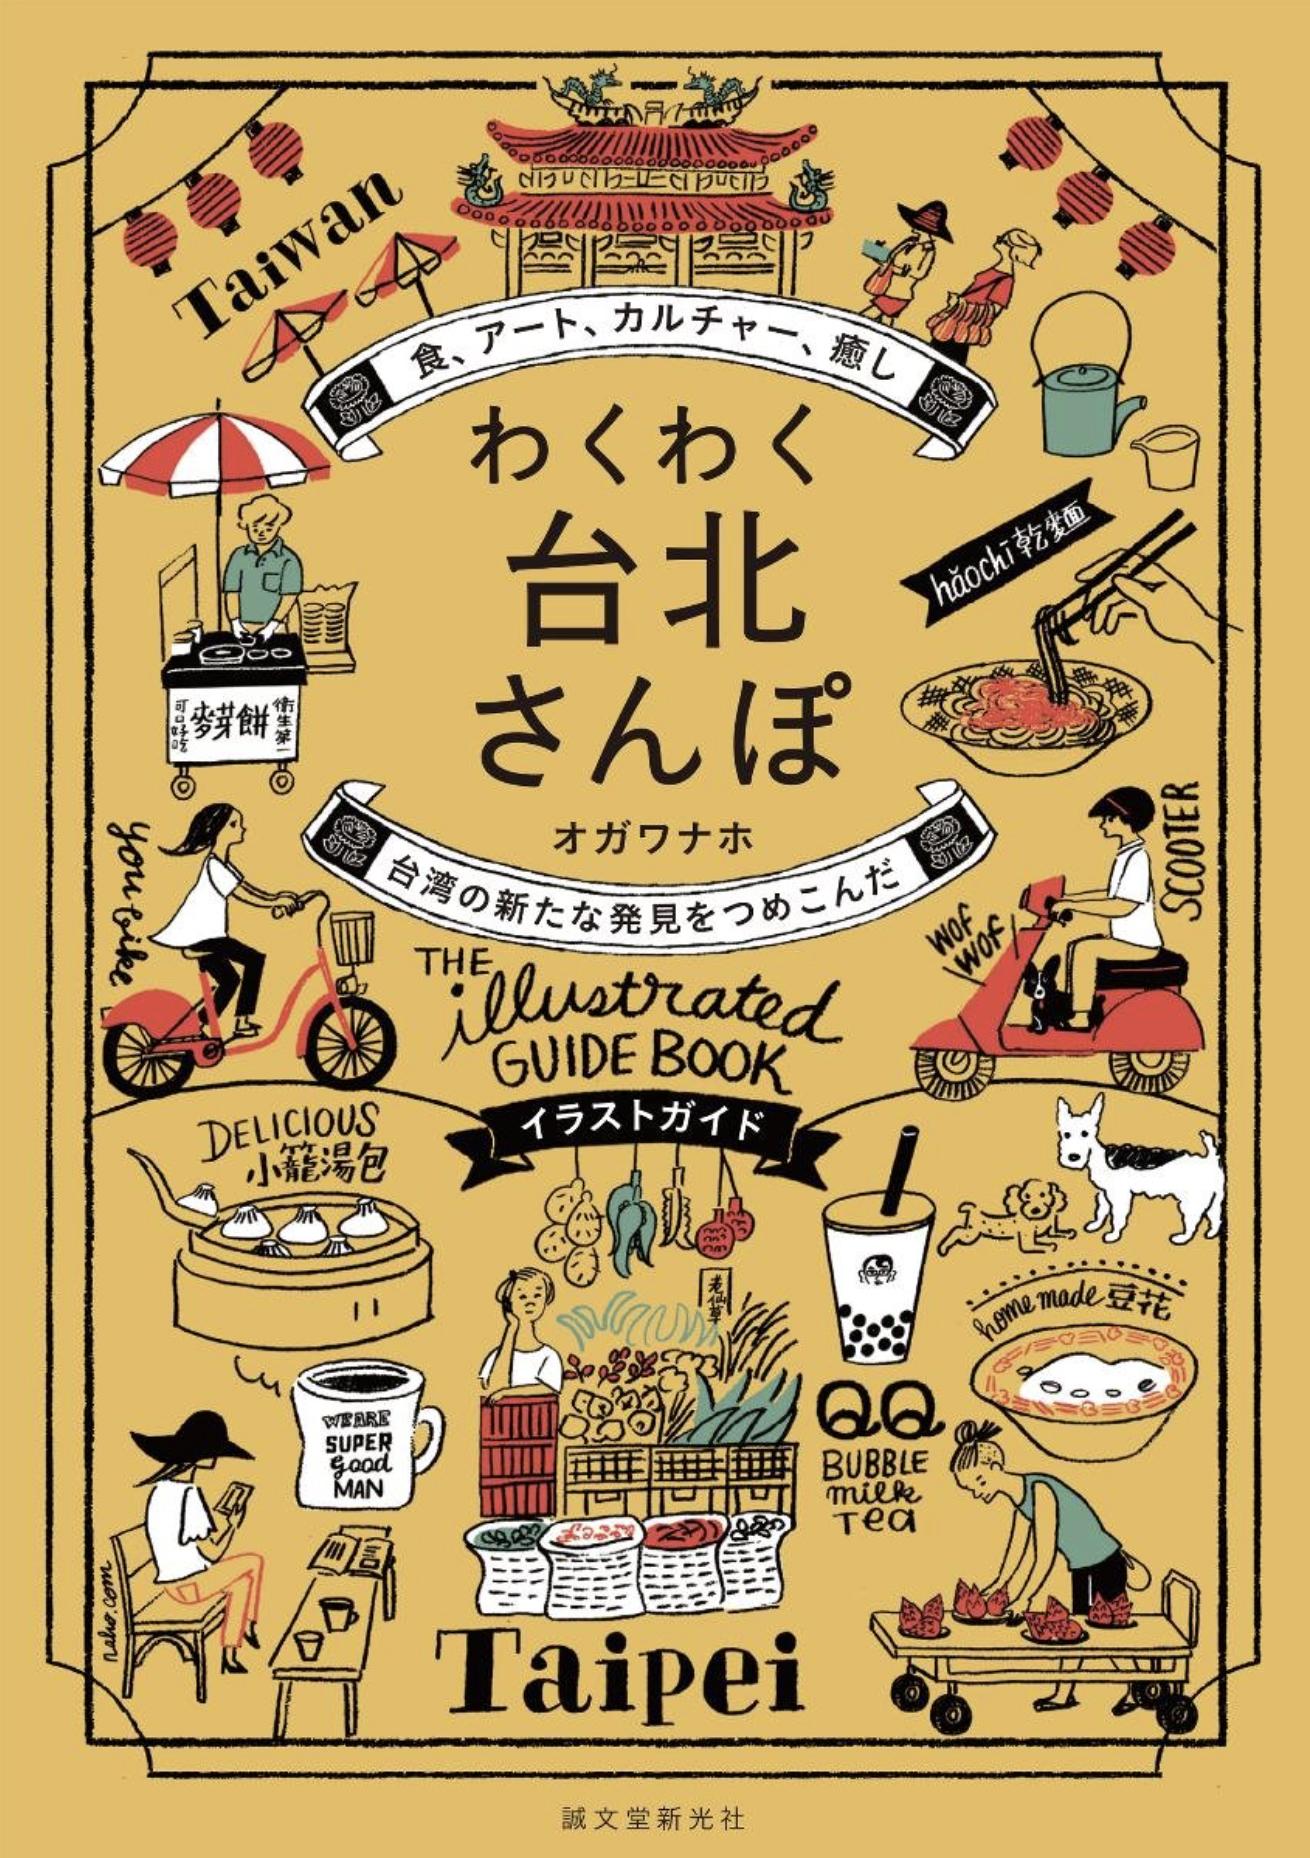 「わくわく台北さんぽ」(オガワナホ 著、誠文堂新光社刊)